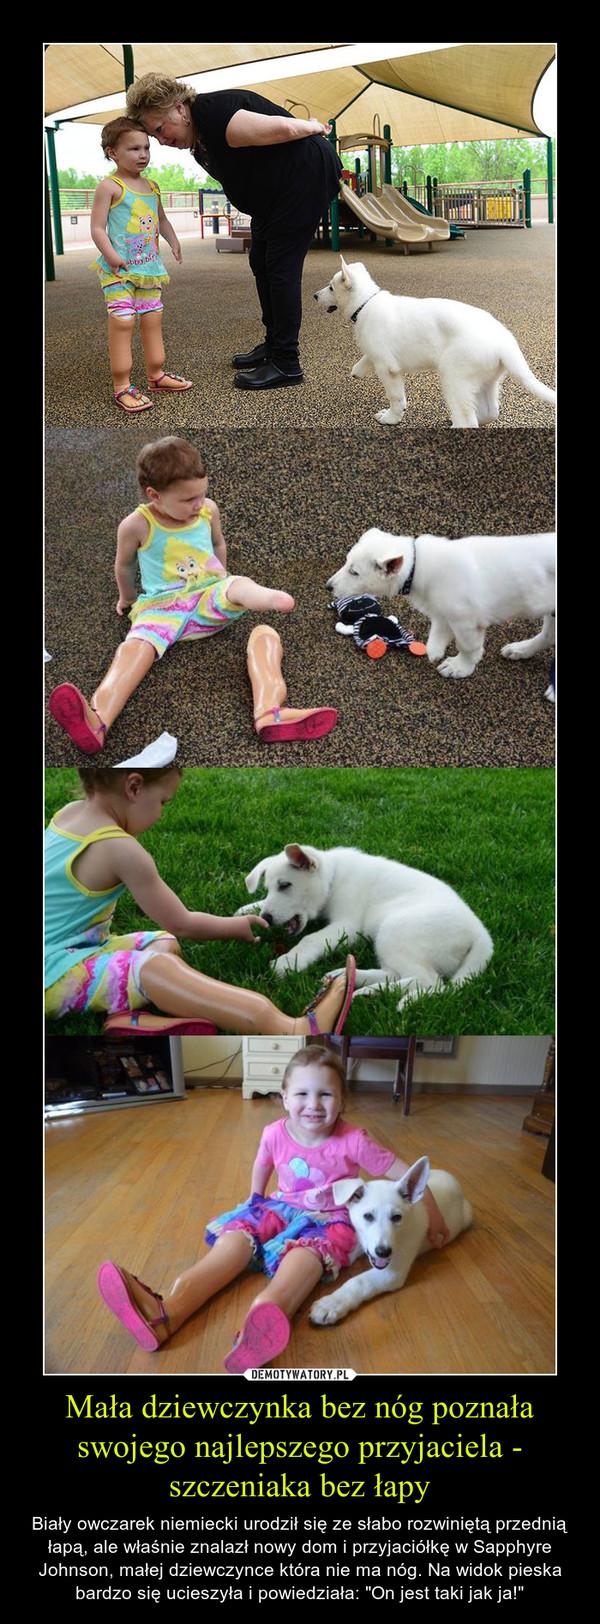 """Mała dziewczynka bez nóg poznała swojego najlepszego przyjaciela - szczeniaka bez łapy – Biały owczarek niemiecki urodził się ze słabo rozwiniętą przednią łapą, ale właśnie znalazł nowy dom i przyjaciółkę w Sapphyre Johnson, małej dziewczynce która nie ma nóg. Na widok pieska bardzo się ucieszyła i powiedziała: """"On jest taki jak ja!"""""""